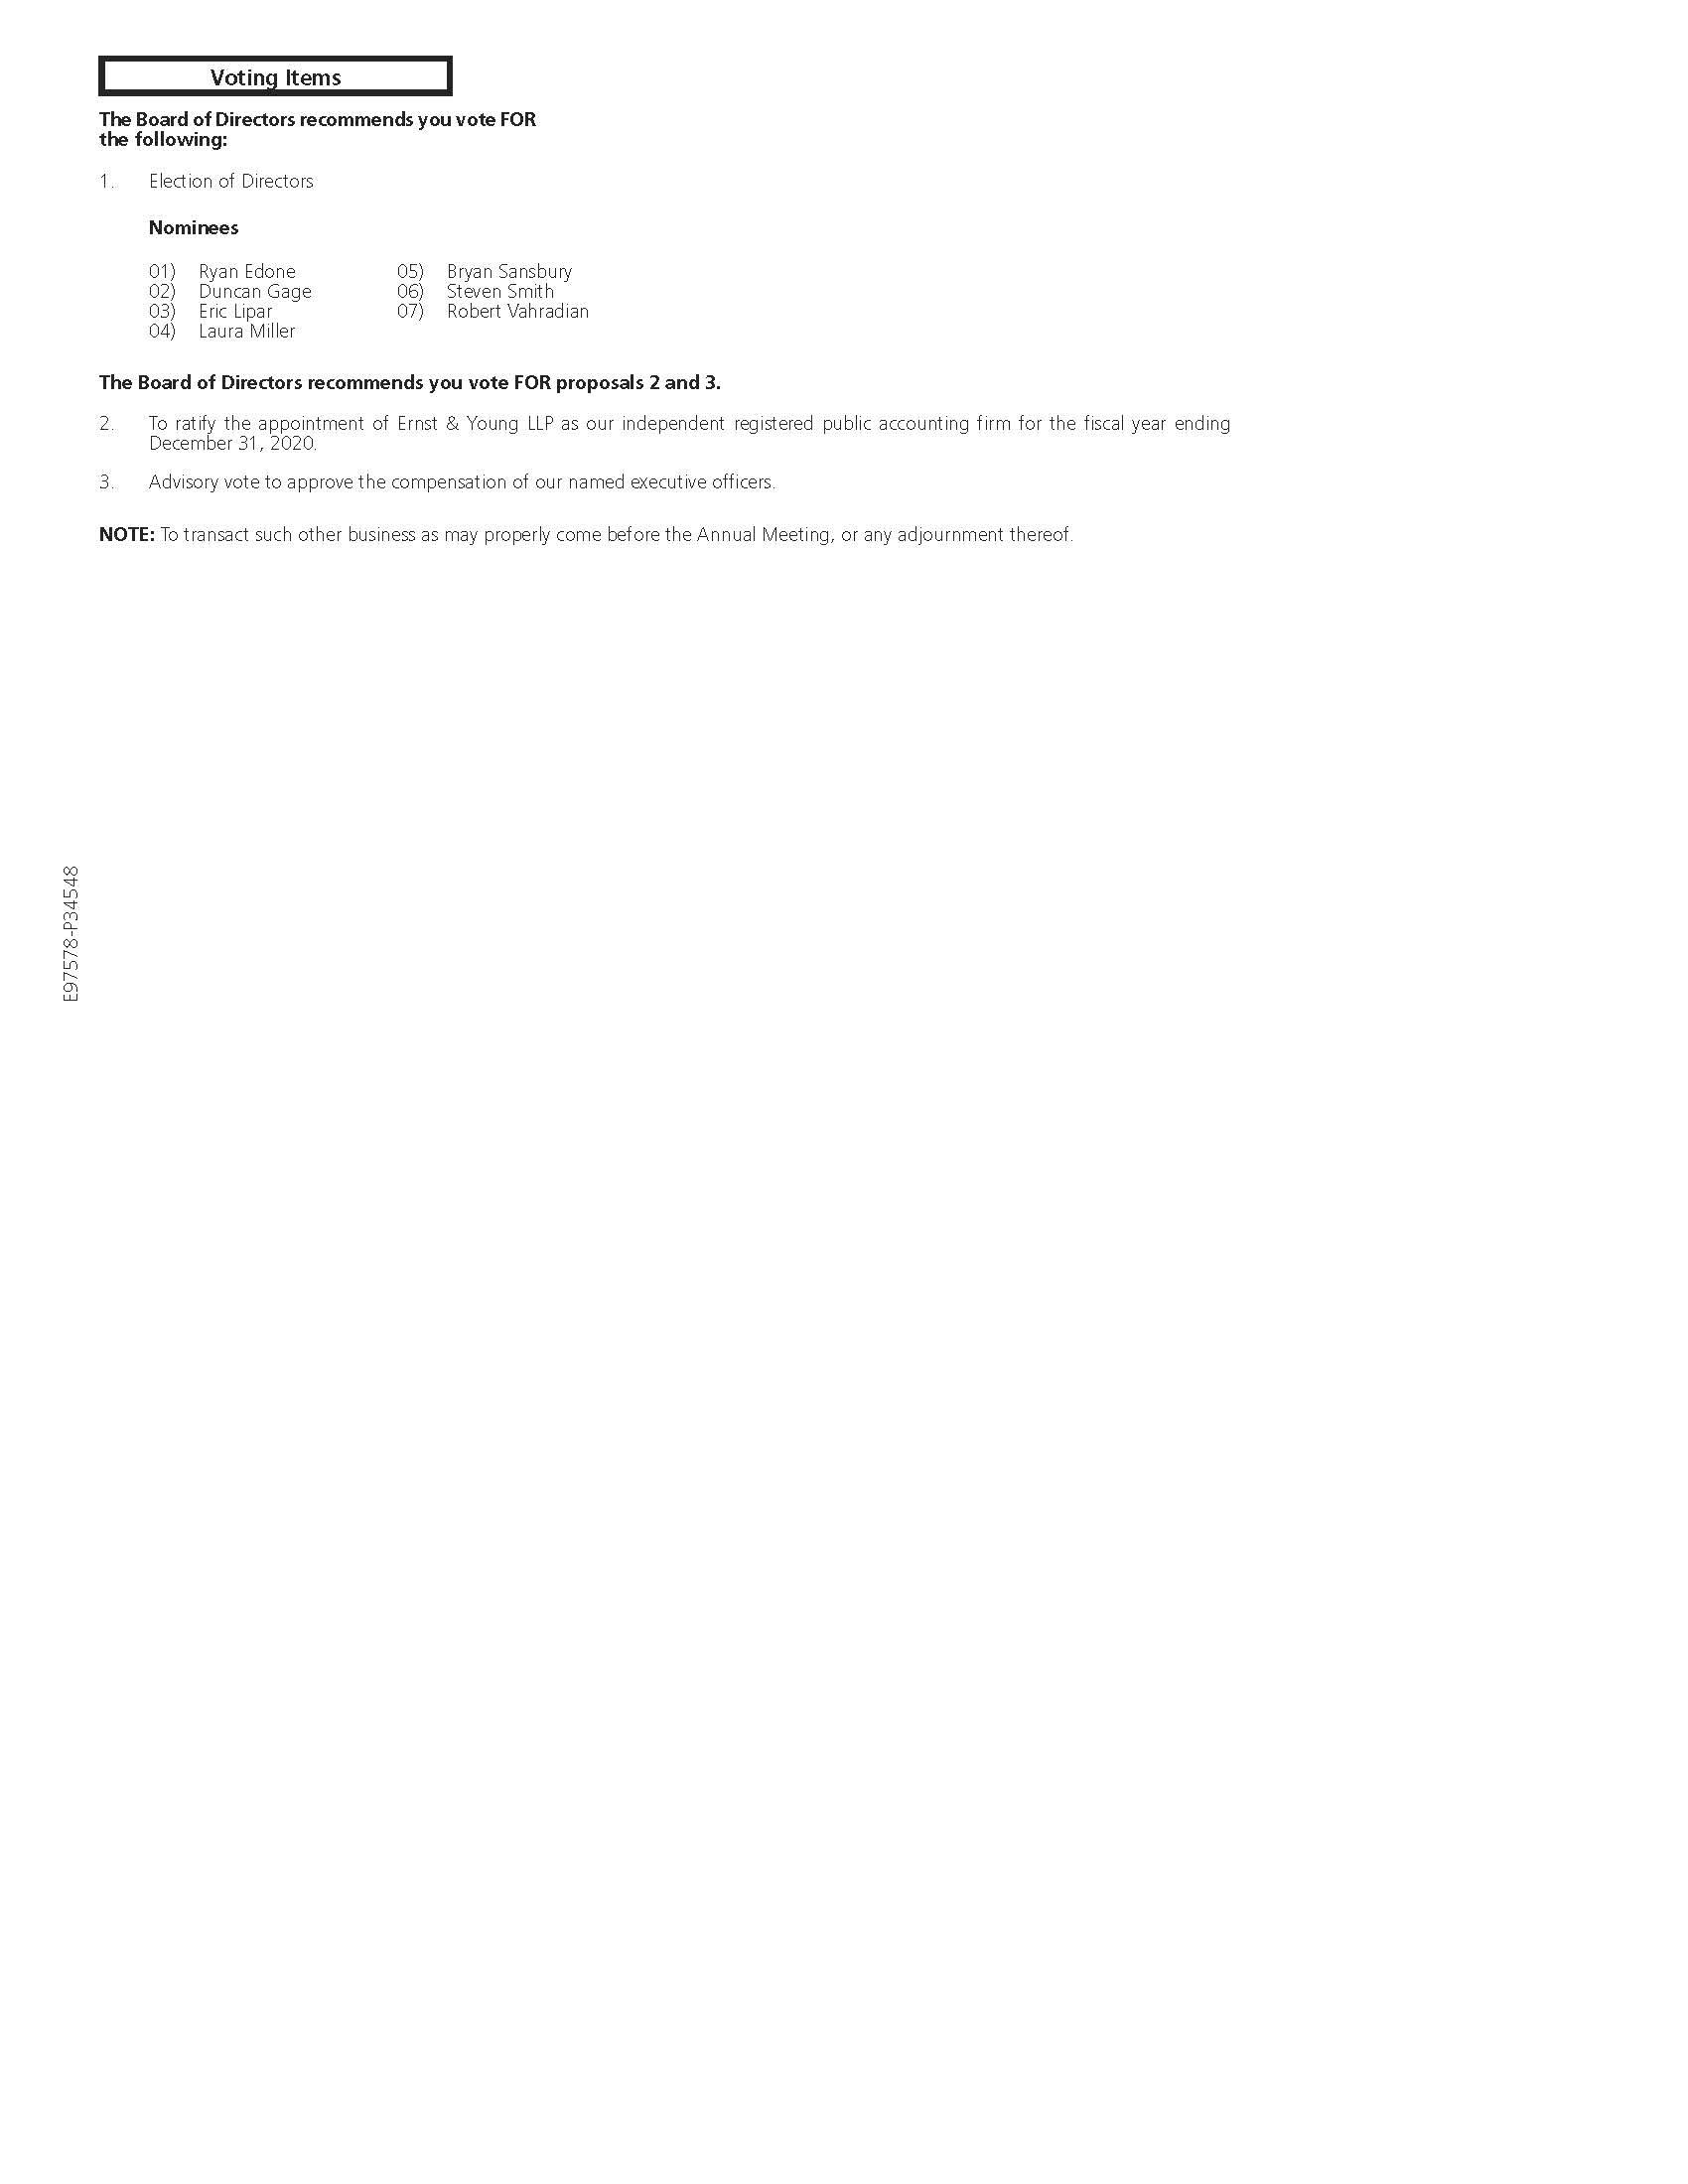 https://cdn.kscope.io/f99c91e52a6e240be05e9744f7e51453-proxycardnoticefinalpage3.jpg